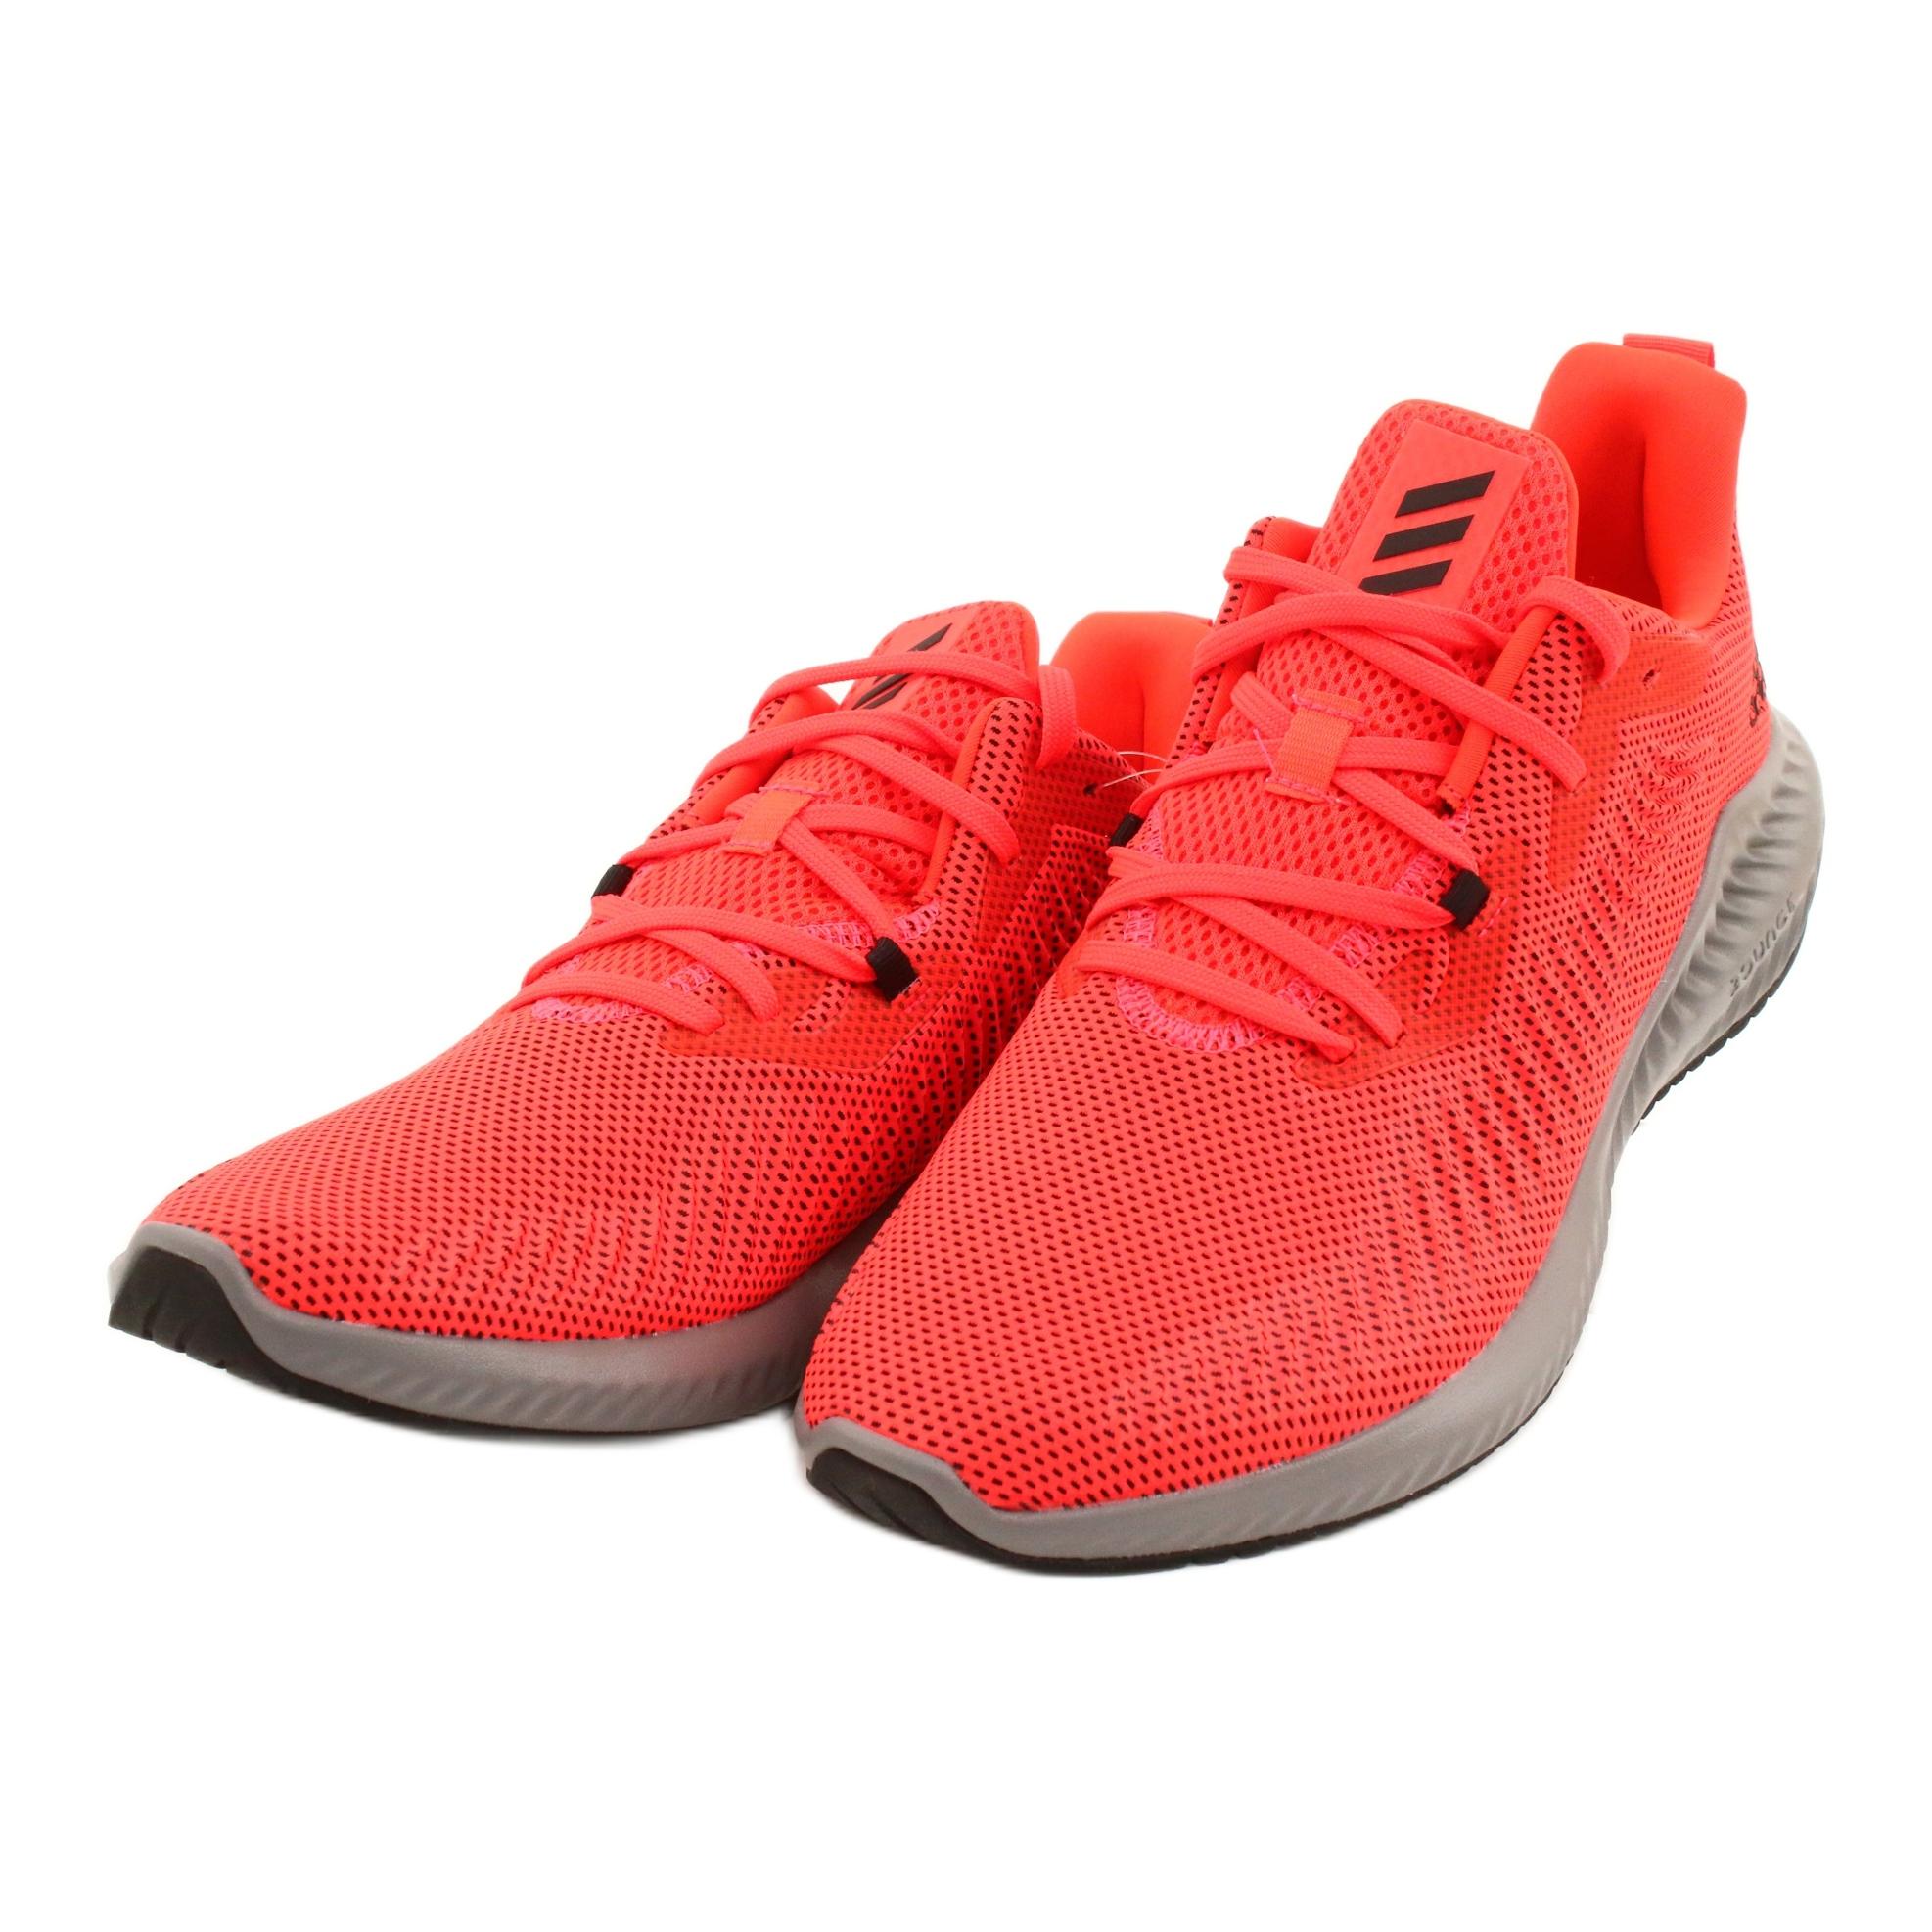 Running shoes adidas Alphabounce 3 M EG1392 orange grey